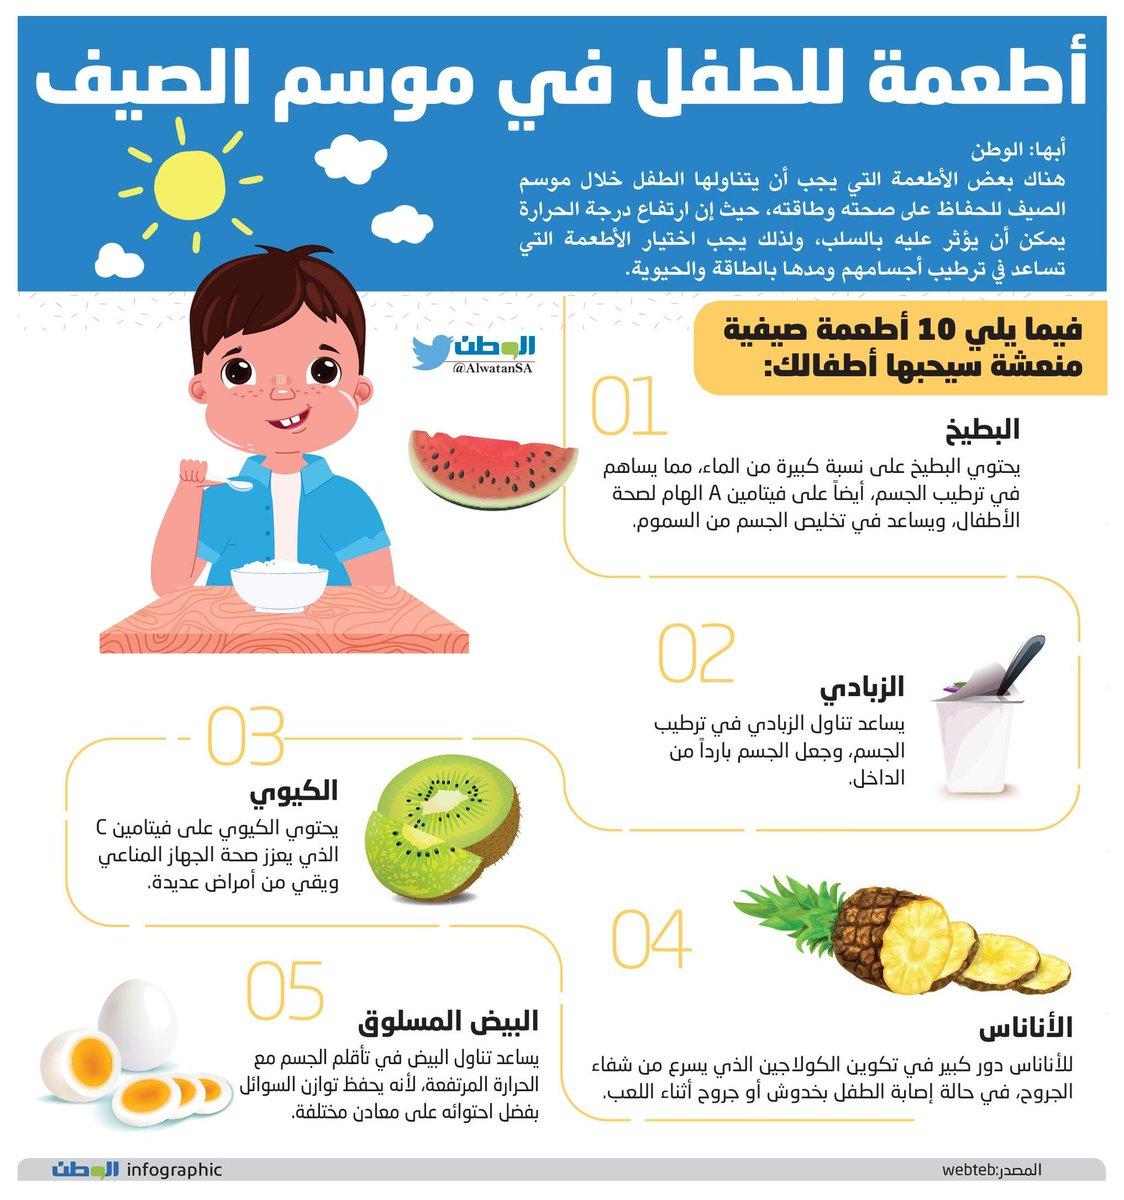 أطعمة مفيدة للأطفال في فصل الصيف لتمدهم بالسوائل. (جريدة الوطن)